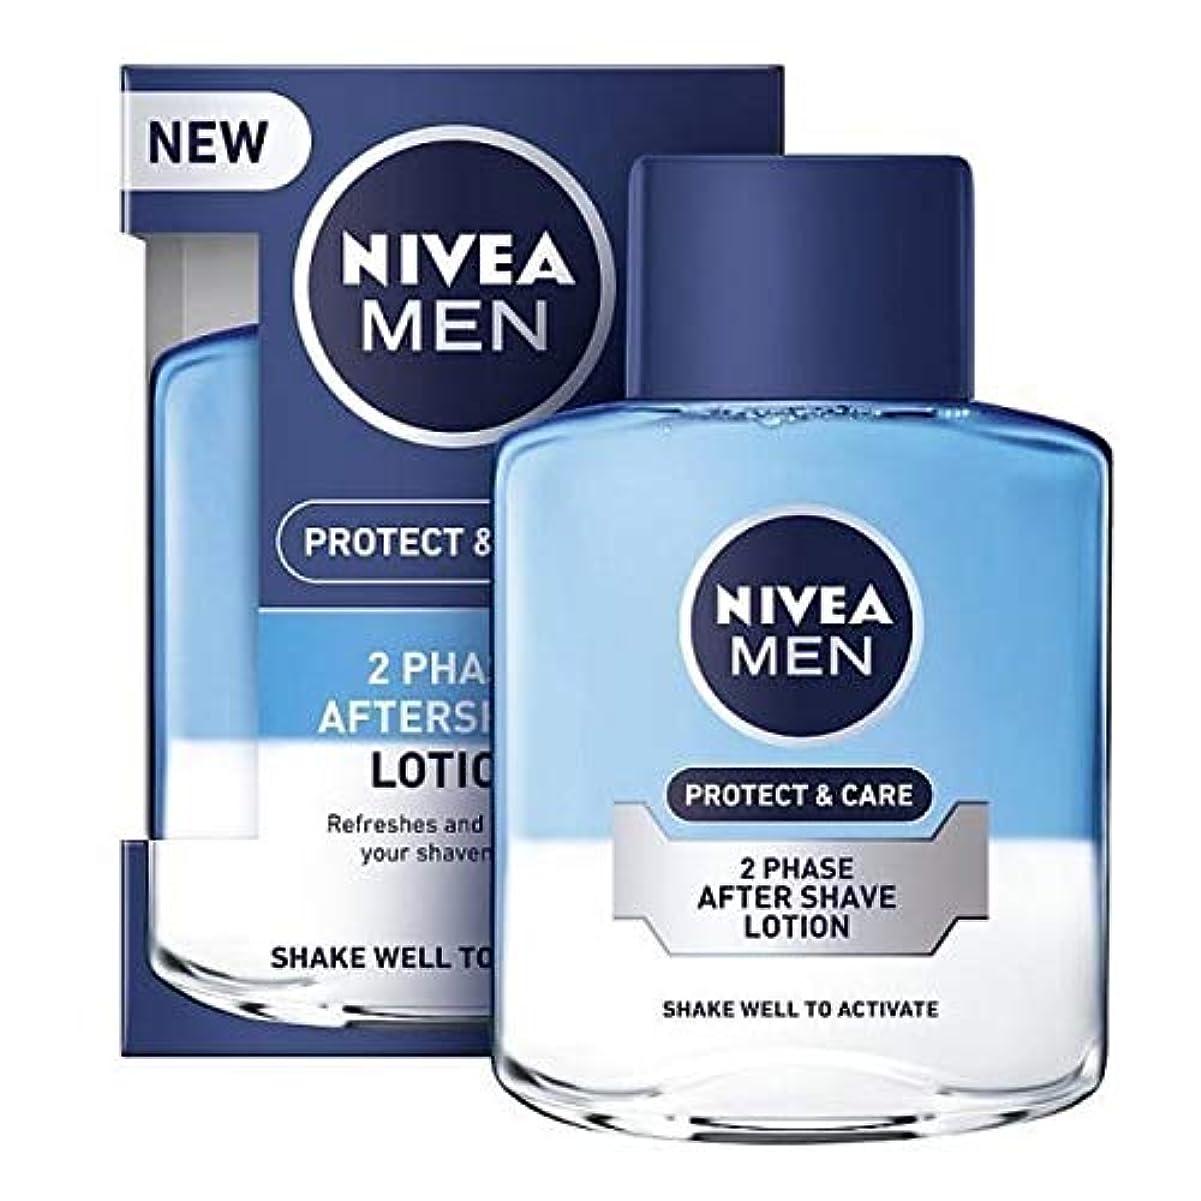 砂土地妥協[Nivea ] ニベアの男性2相アフターシェーブローション保護&ケア、100ミリリットル - NIVEA MEN 2 Phase Aftershave Lotion Protect & Care, 100ml [並行輸入品]